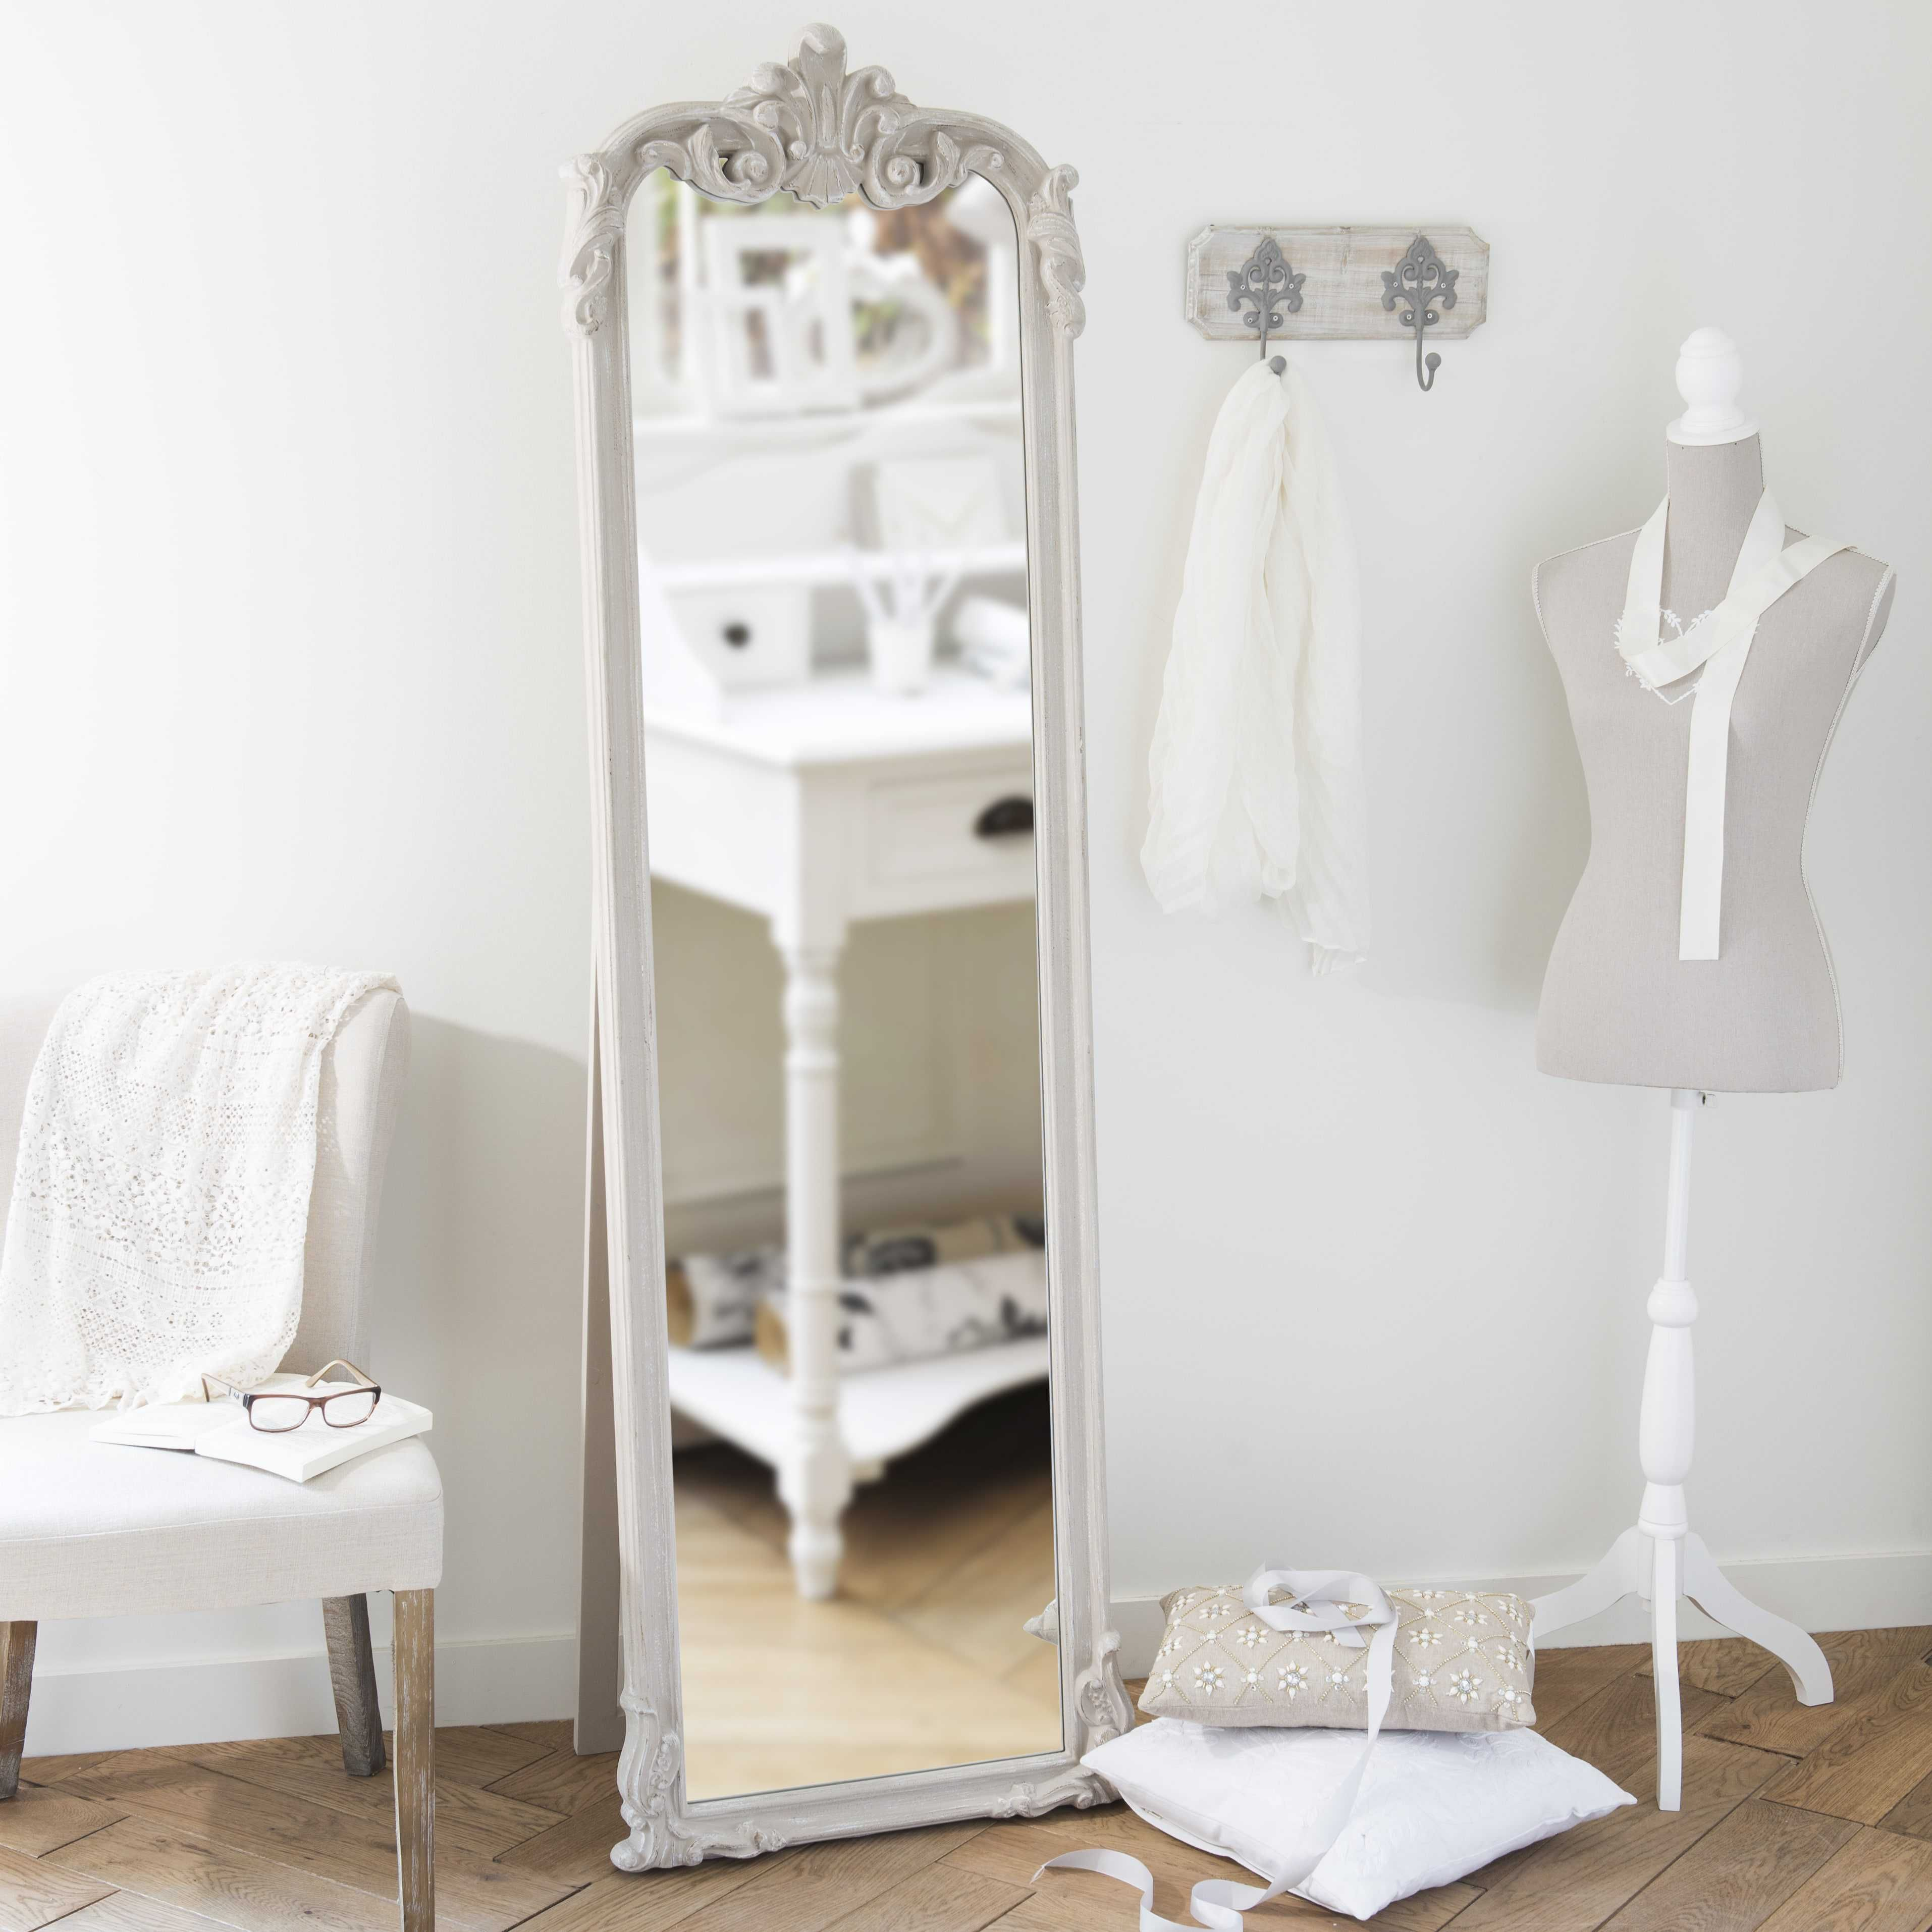 Miroir psyché beige H 178 cm | Miroir psyché, Plein pied et Psyché